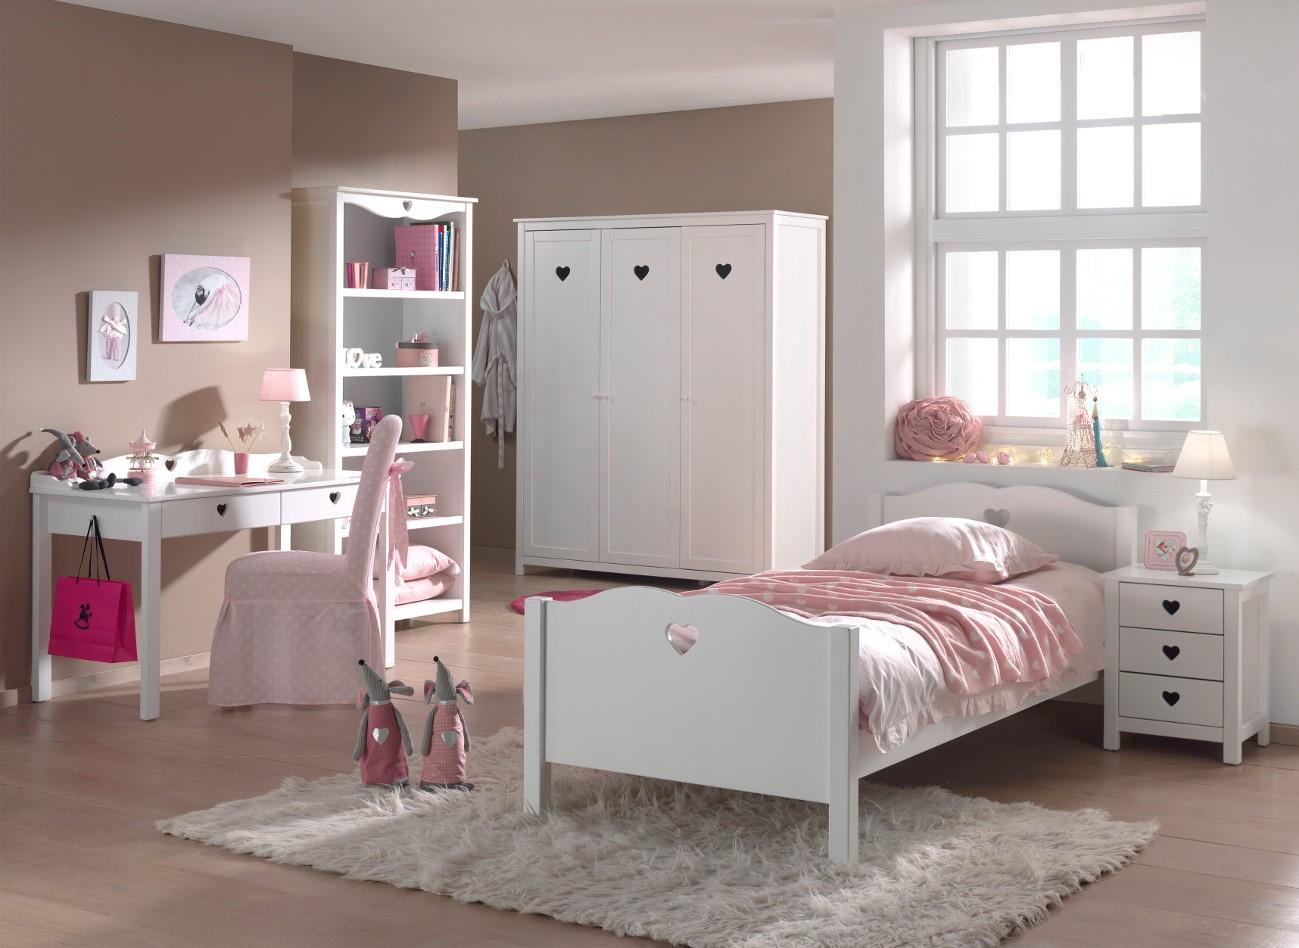 Kinderzimmer Komplett Madchen Bett Nachttisch Kleiderschrank